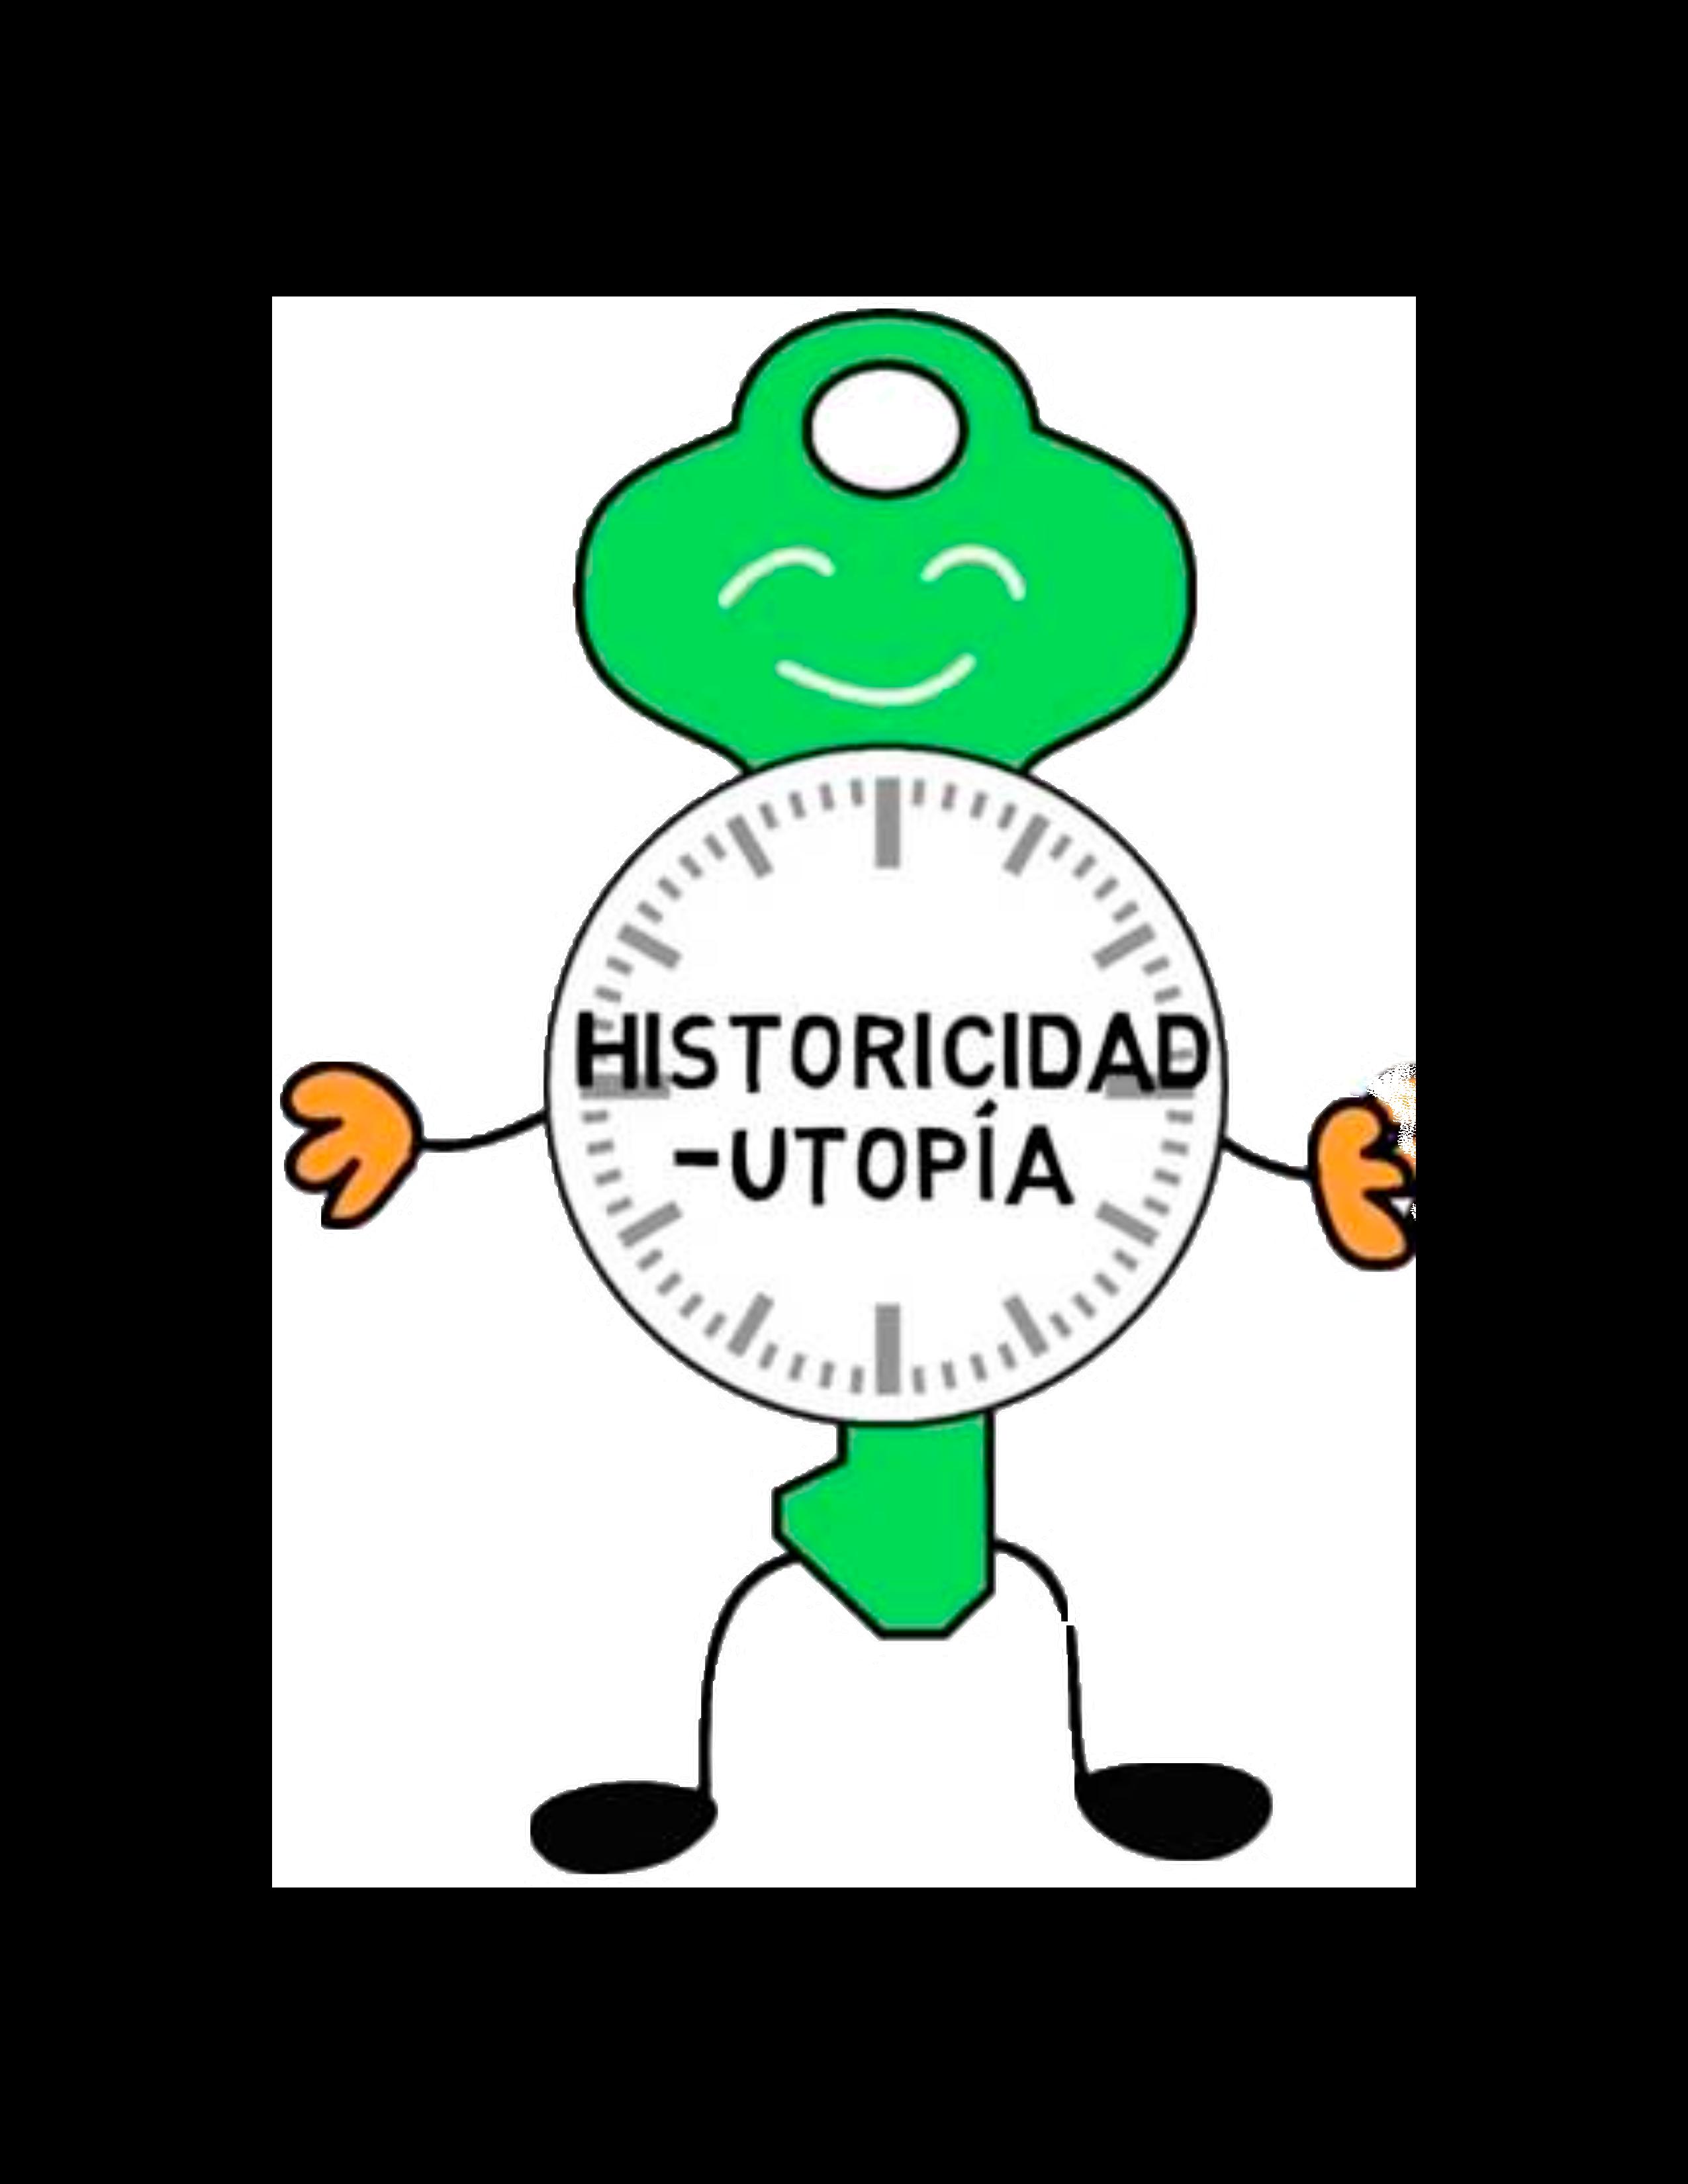 HISTORICIDAD - UTOPIA